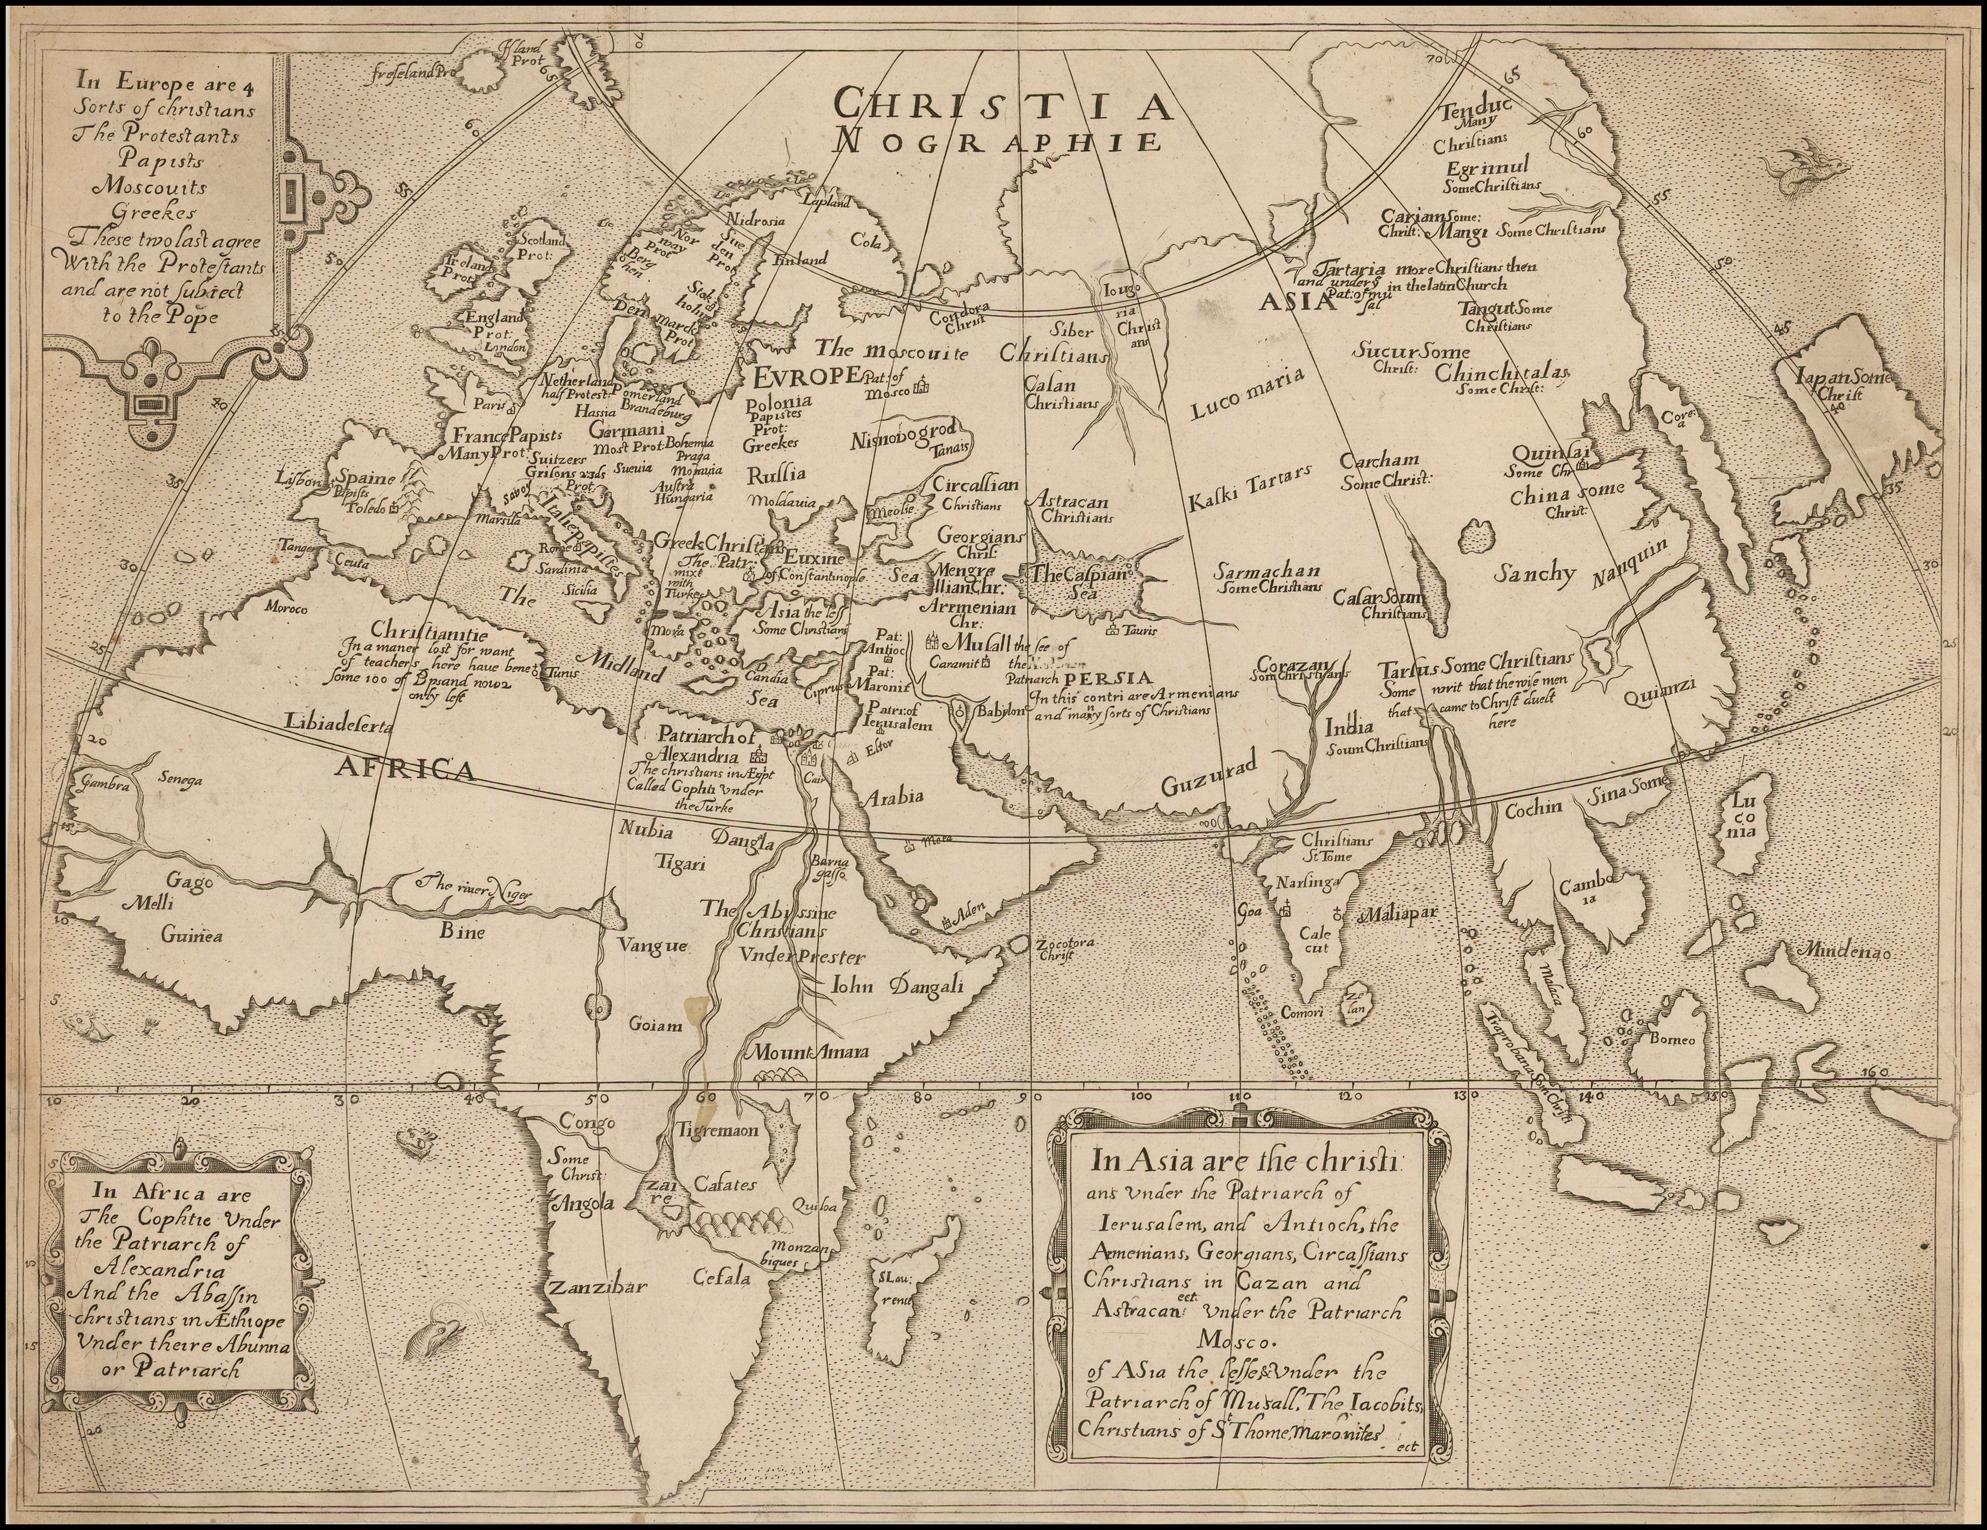 Редкая карта древнего мира из Христианографии Эфраима Пейджитта